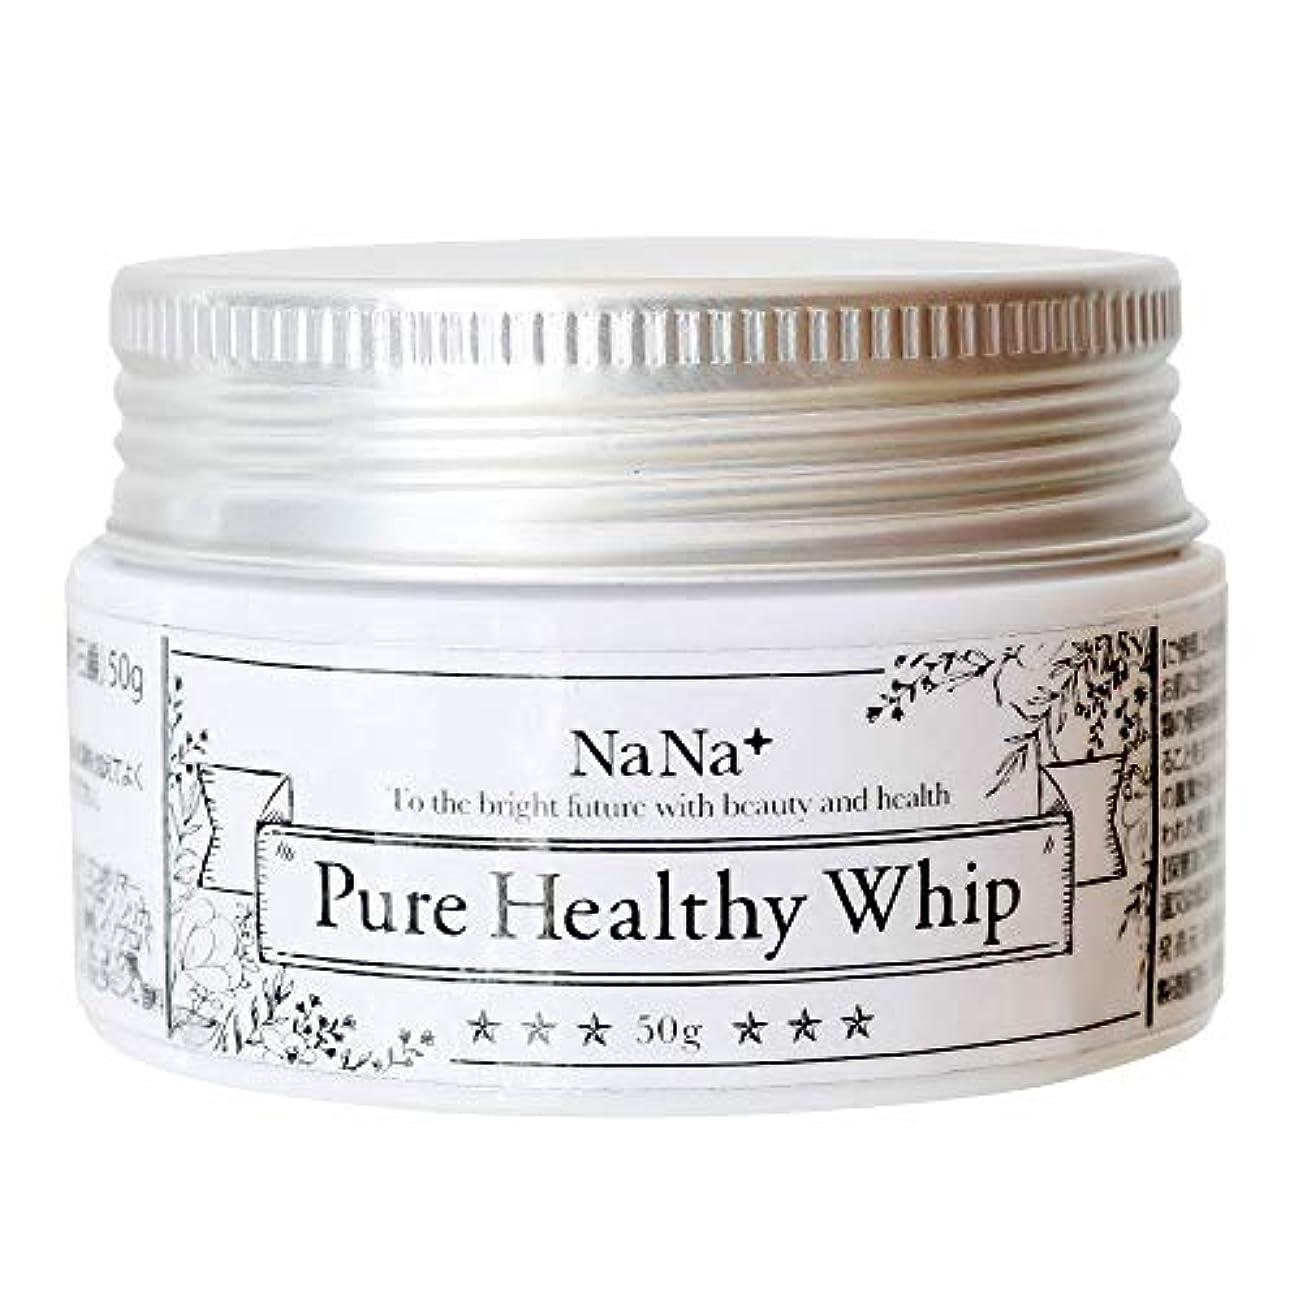 洗剤封筒反発洗顔 生せっけん 敏感肌 乾燥肌 の 毛穴 くすみ 黒ずみ ケア 肌に優しい無添加  nana+ピュアヘルシーホイップ